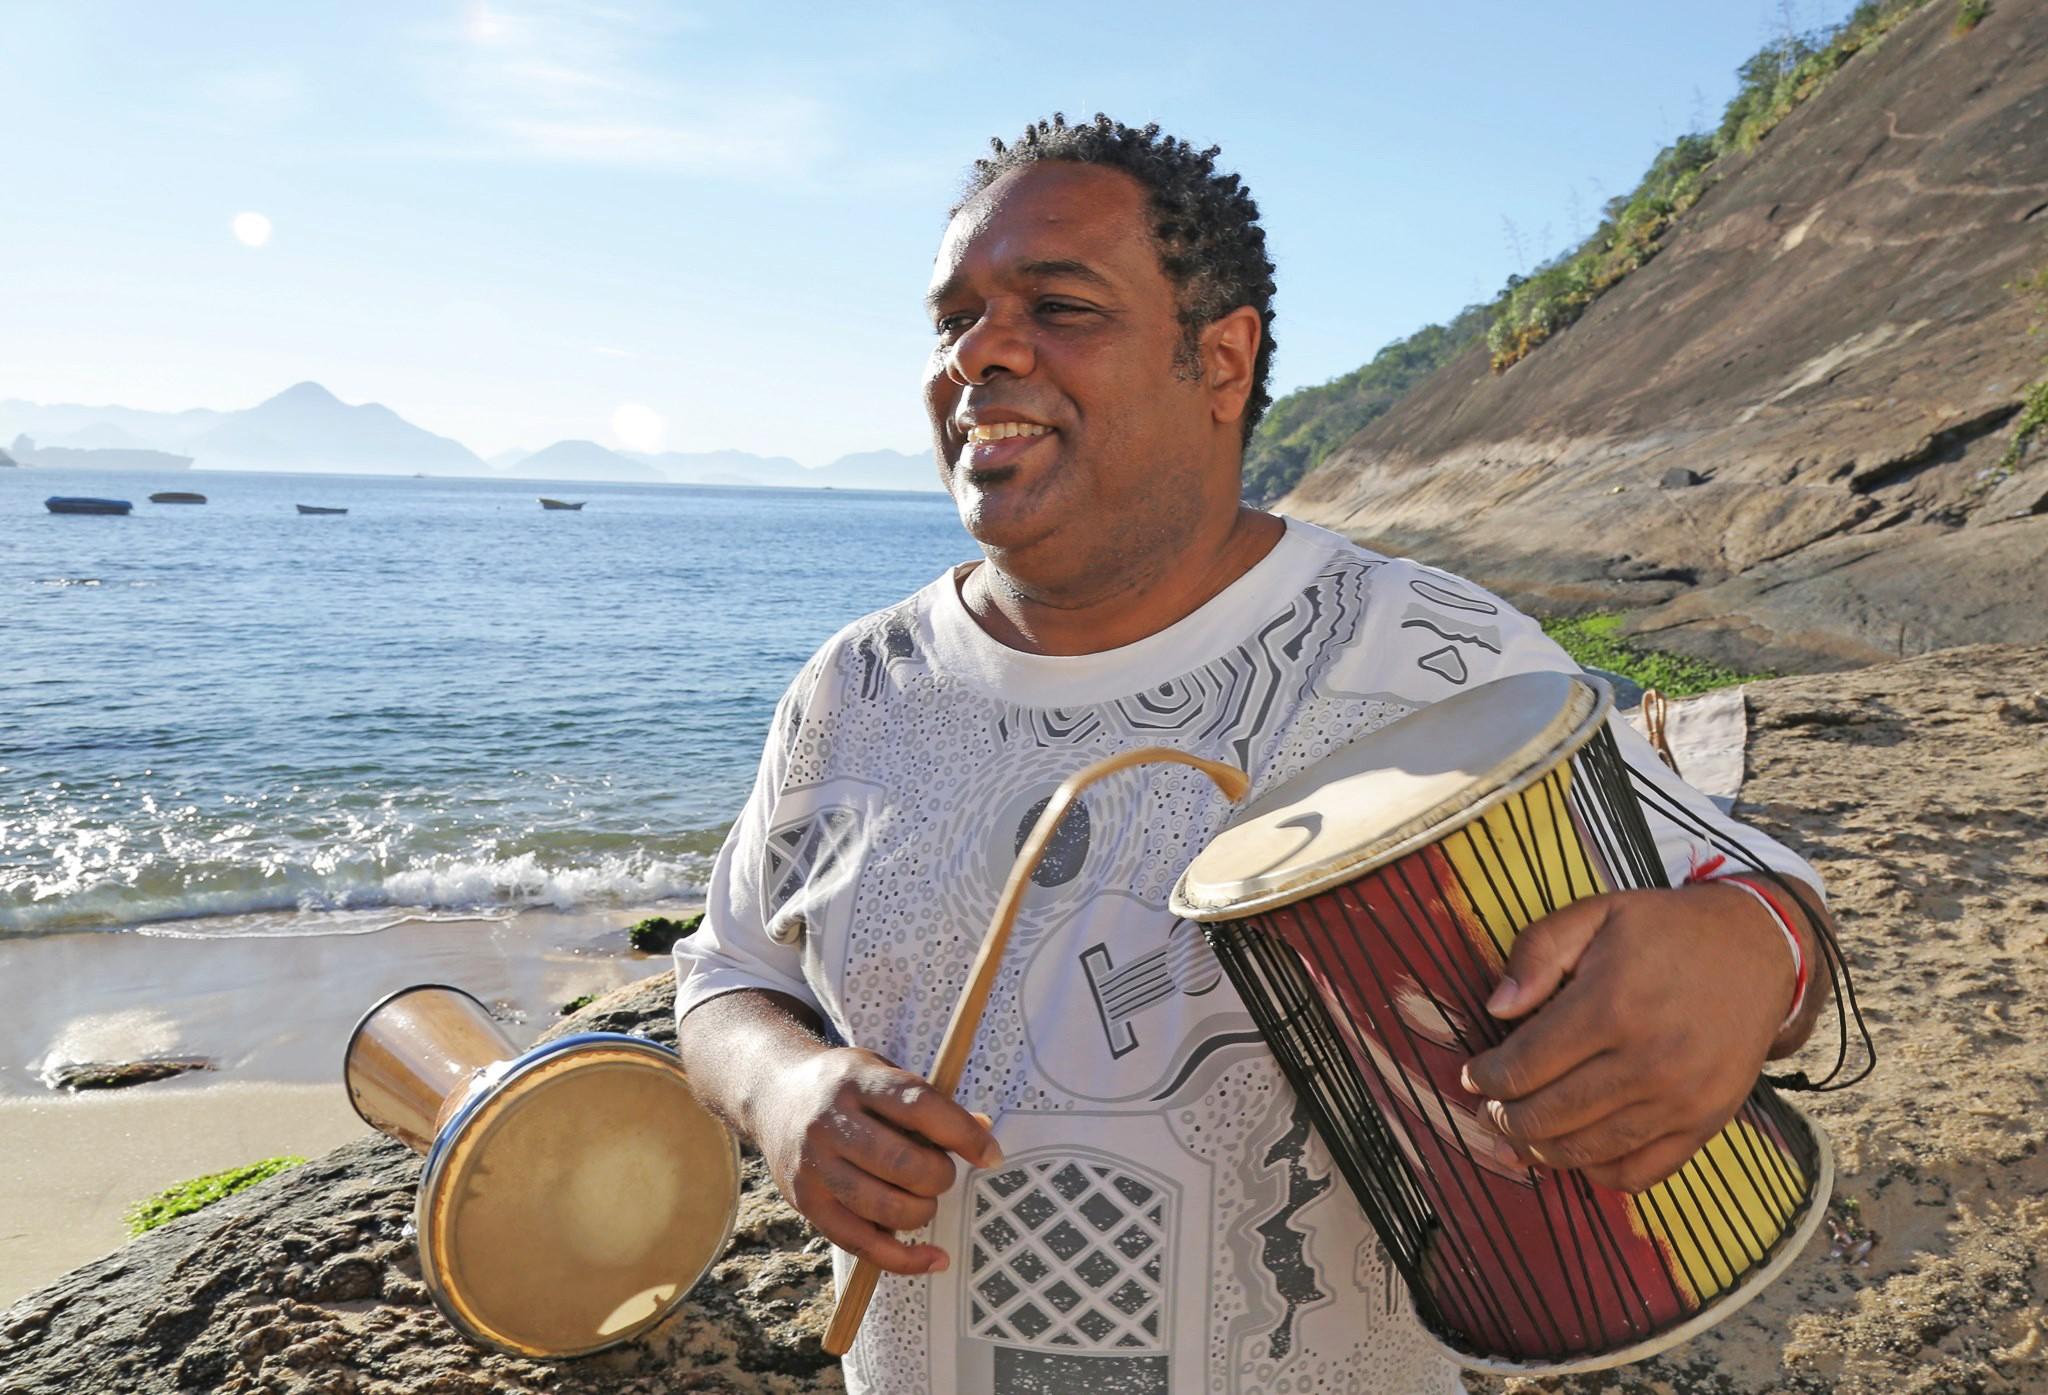 PC Castilho saúda 'Iara' e 'Rainha dos maracatus' na correnteza do EP 'Tambor do mar'